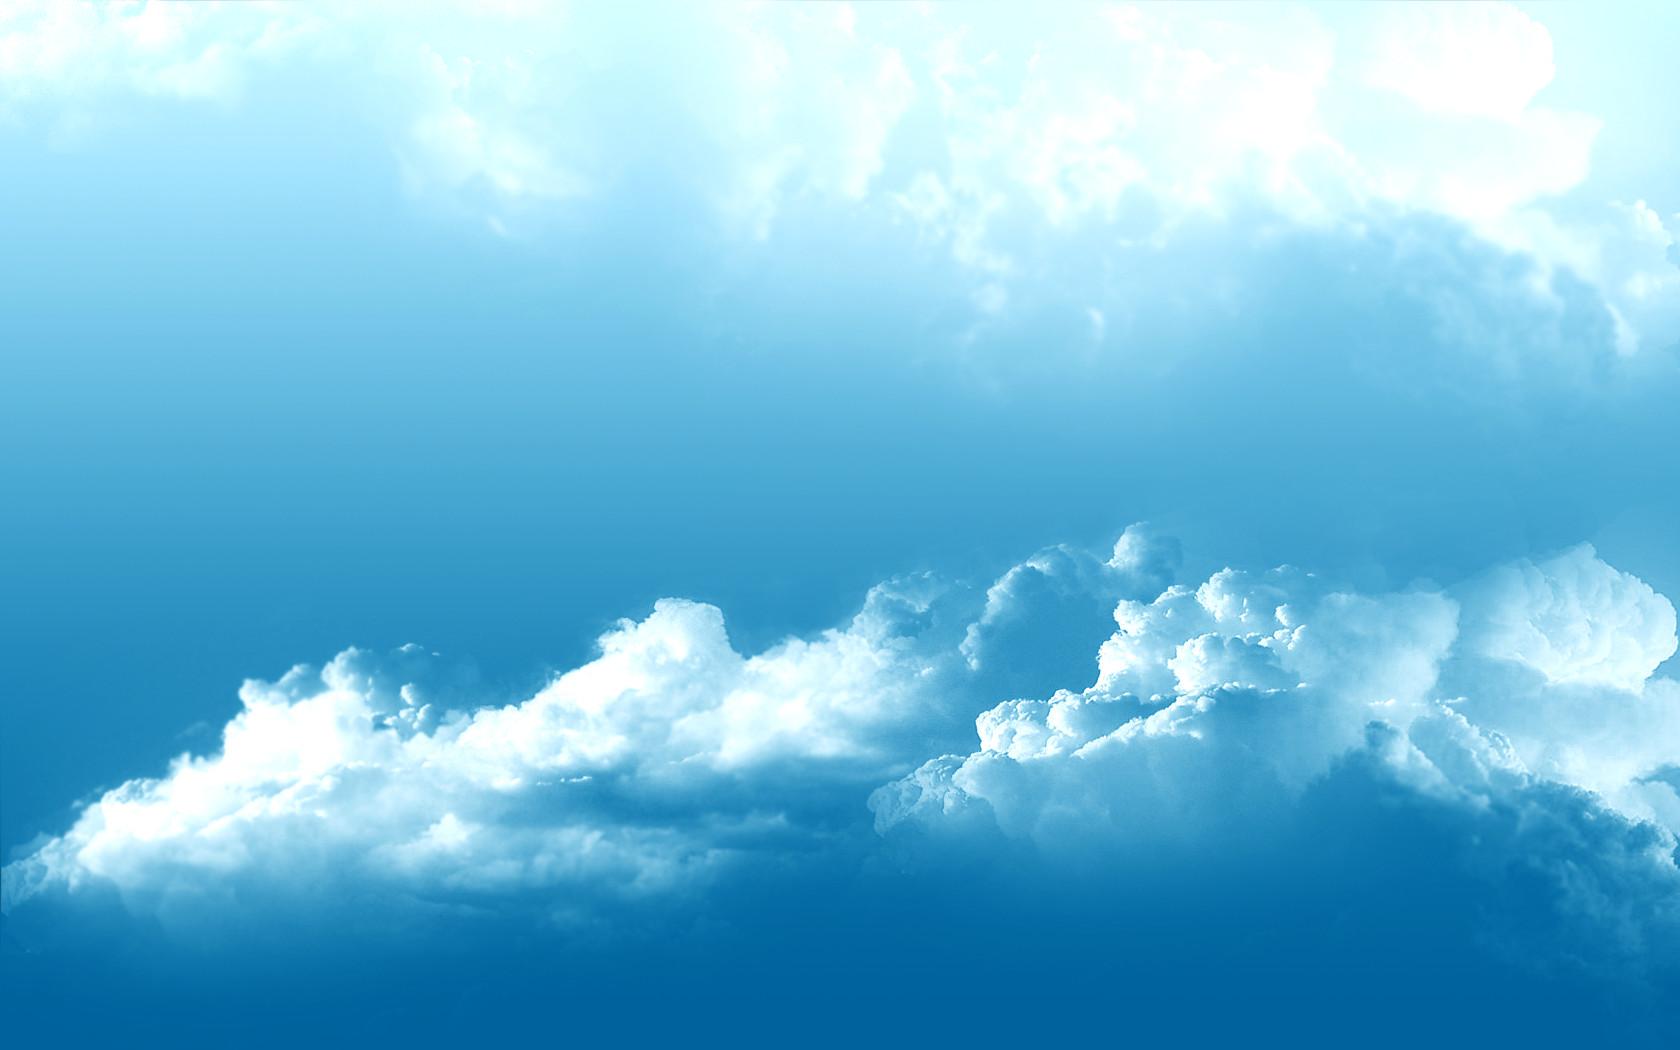 sky, небо облака, скачать фото, обои для рабочего стола, скачать